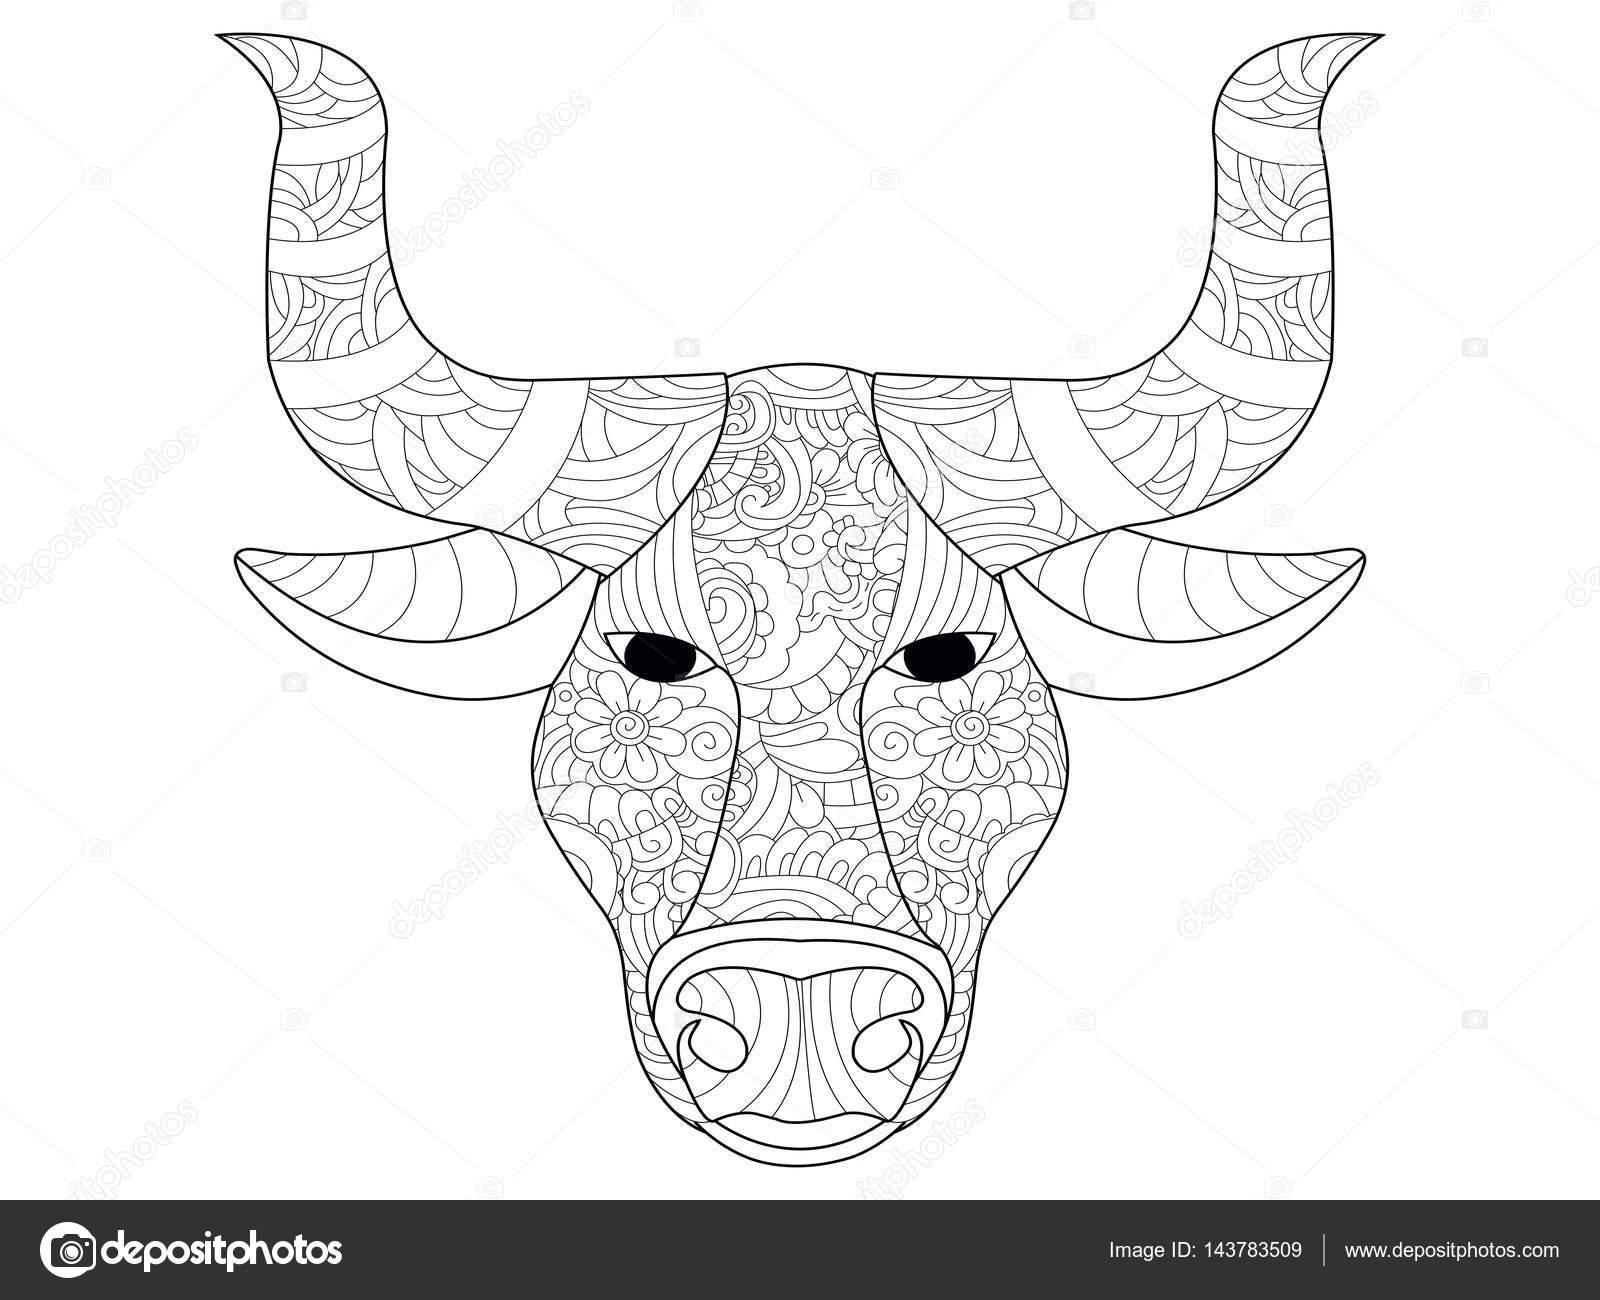 Vecteur De Coloriage Tête De Vache Pour Les Adultes Image